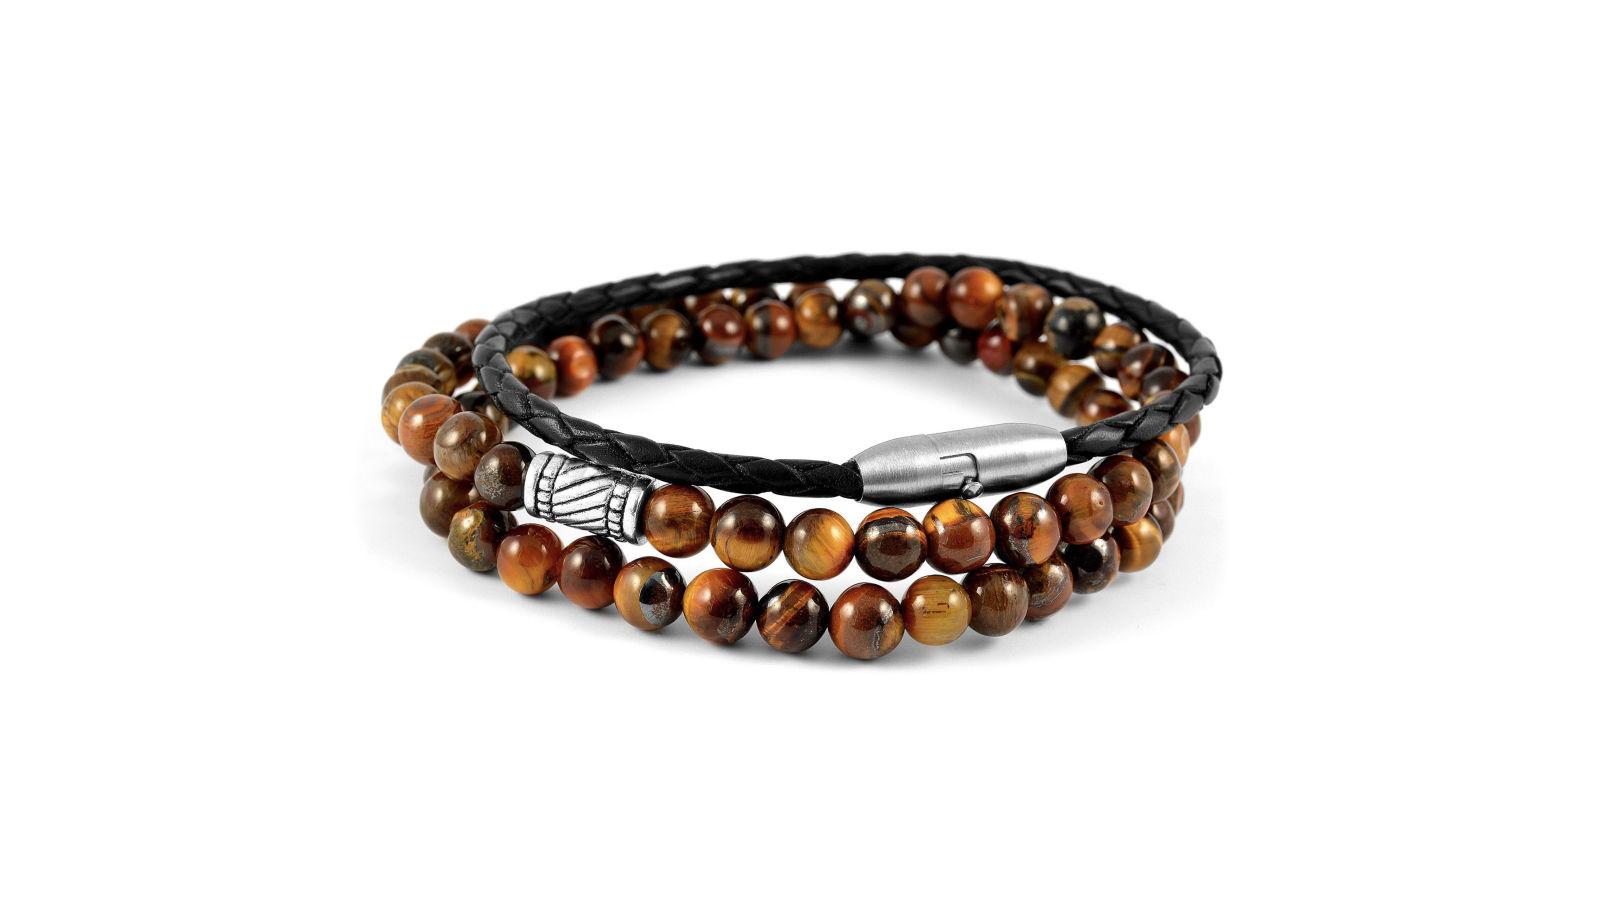 Bracelet de pierres marrons oeil de tigre port gratuit neshraw - Trend corner frais de port gratuit ...